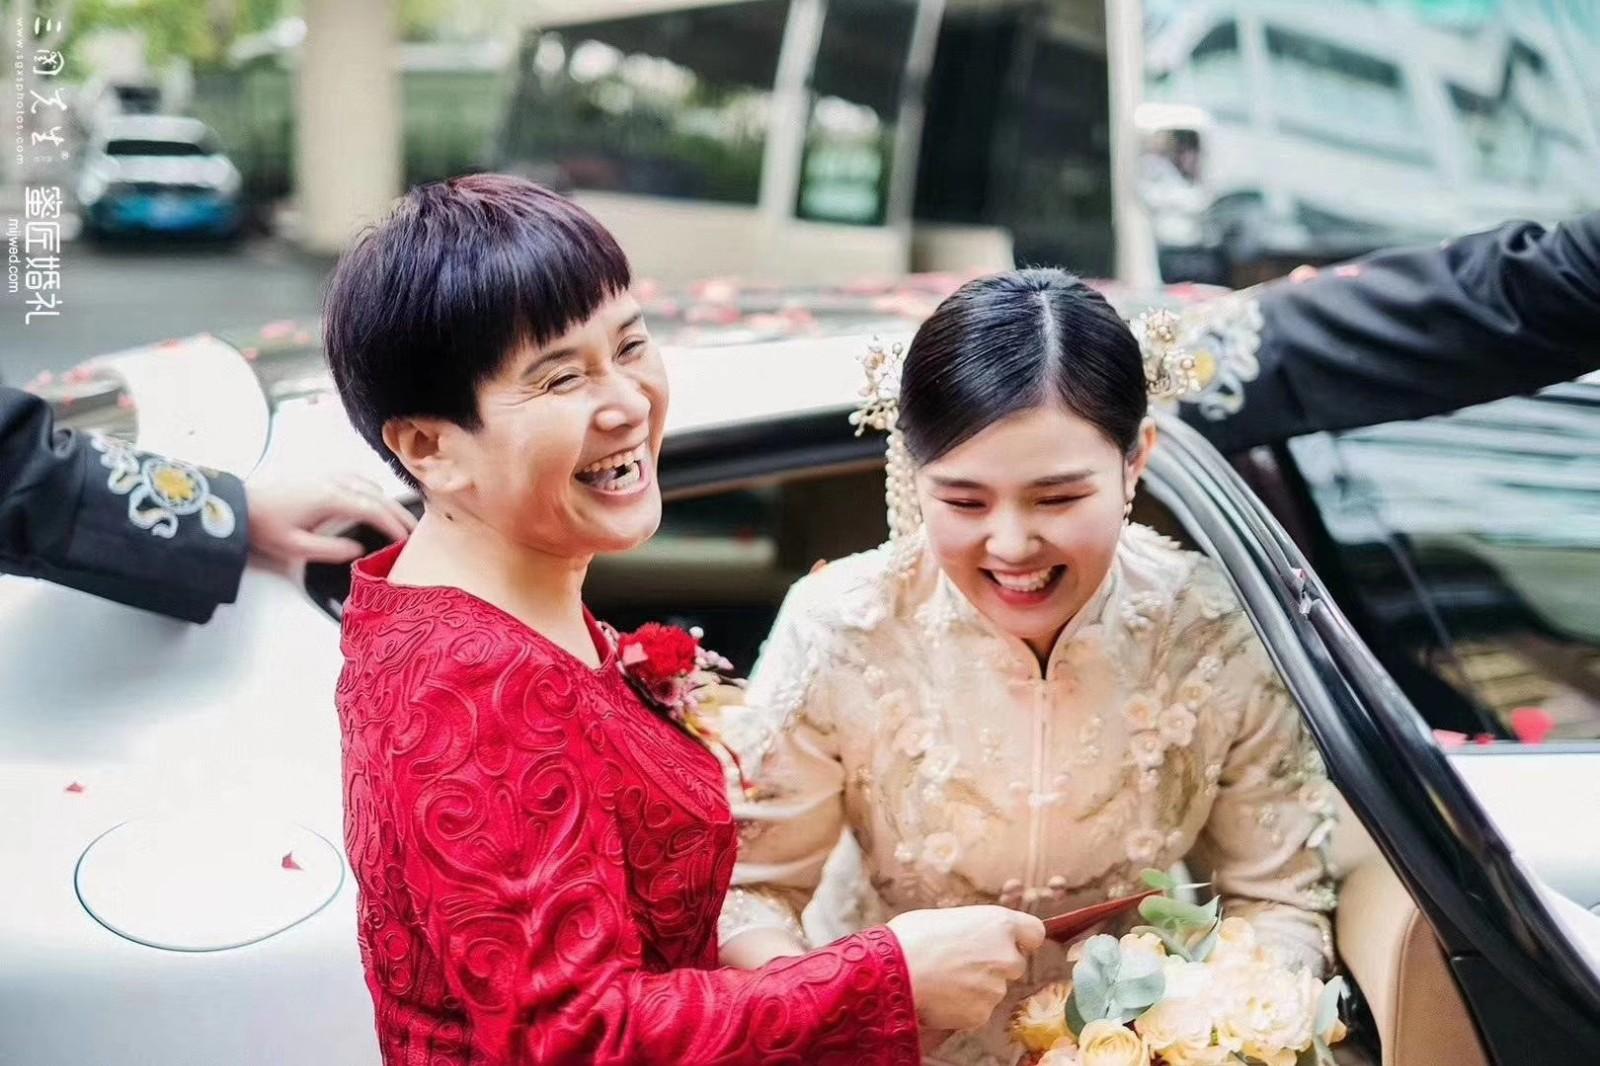 滑县请婚礼跟拍大概要多少钱 滑县婚礼跟拍师一般多少钱一天